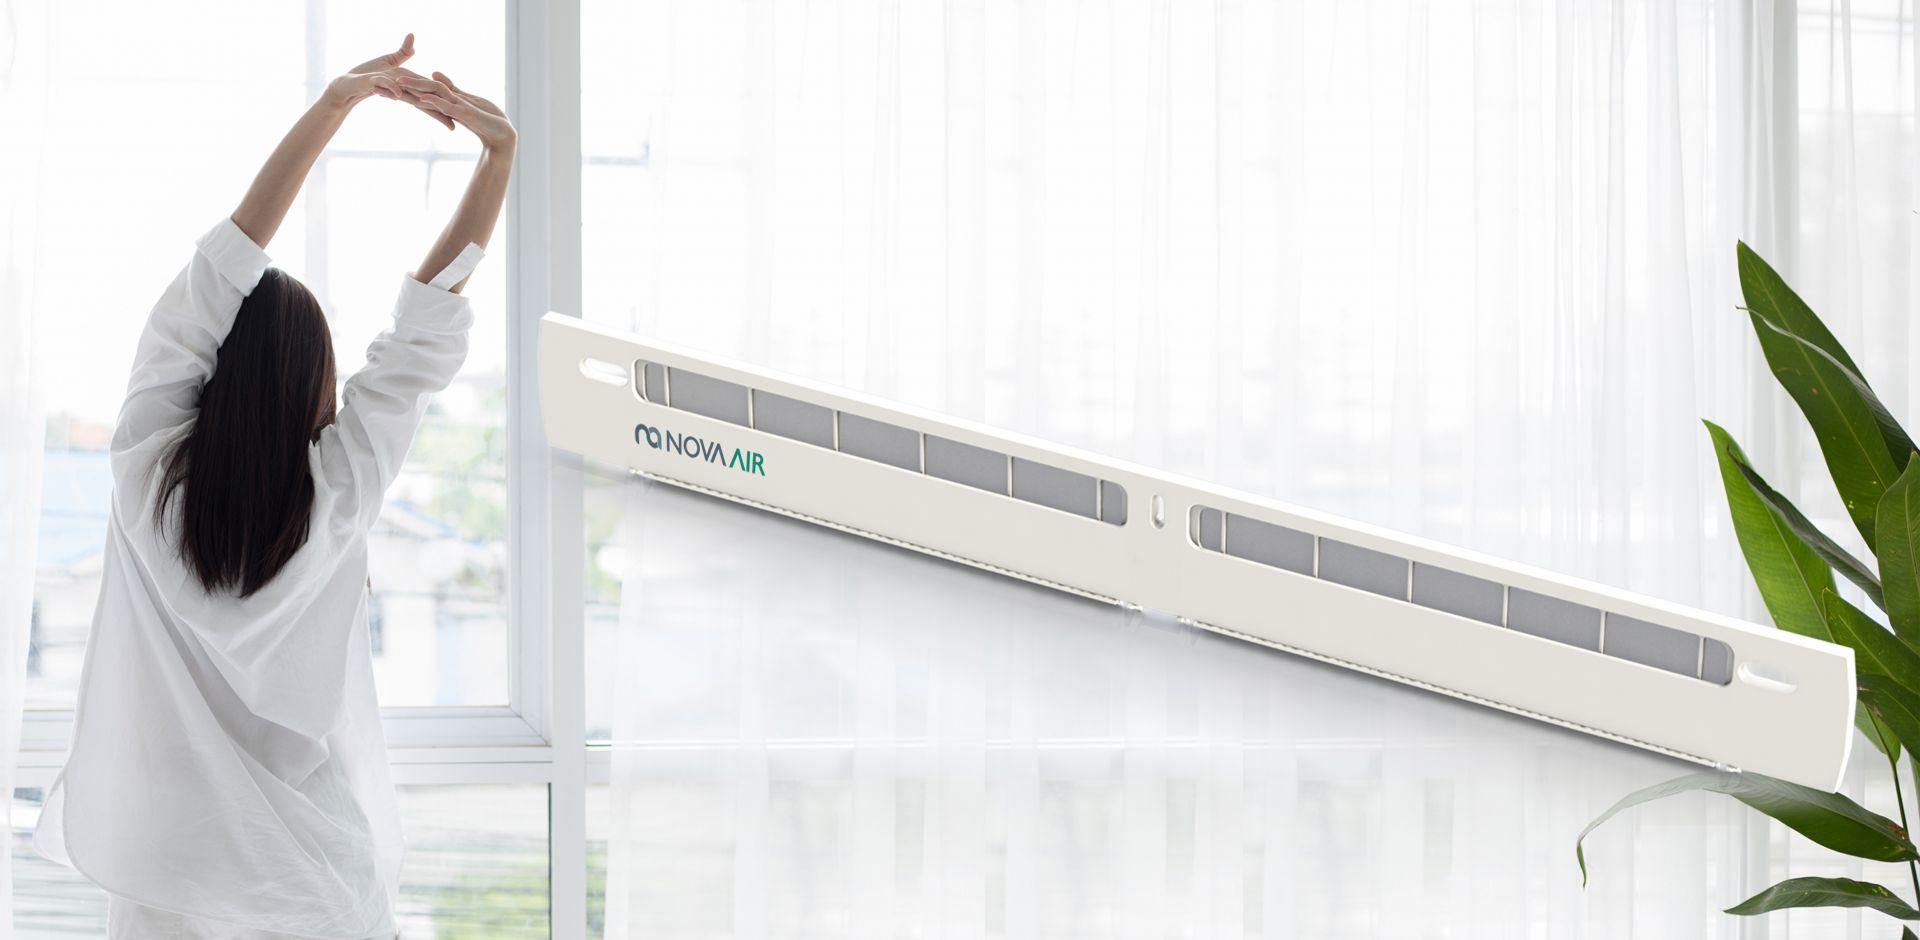 NovaAir to filtr antysmogowy i antyalergenowy, który współpracuje z większością dostępnych na rynku nawiewników okiennych. Fot. Brookvent